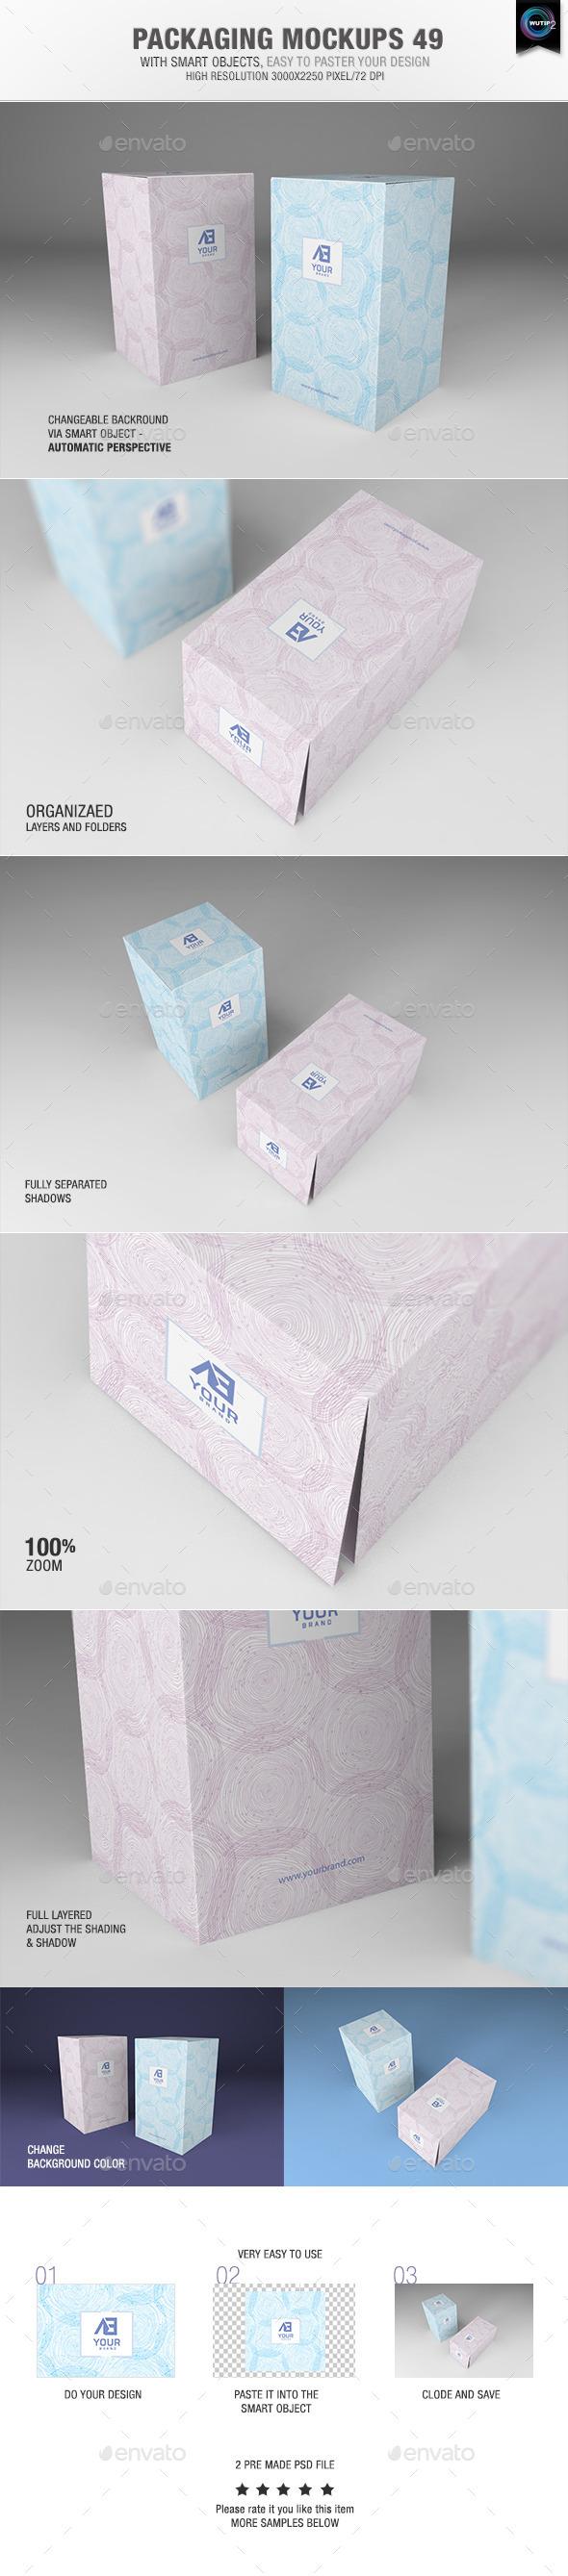 Packaging Mock-ups 49 - Packaging Product Mock-Ups